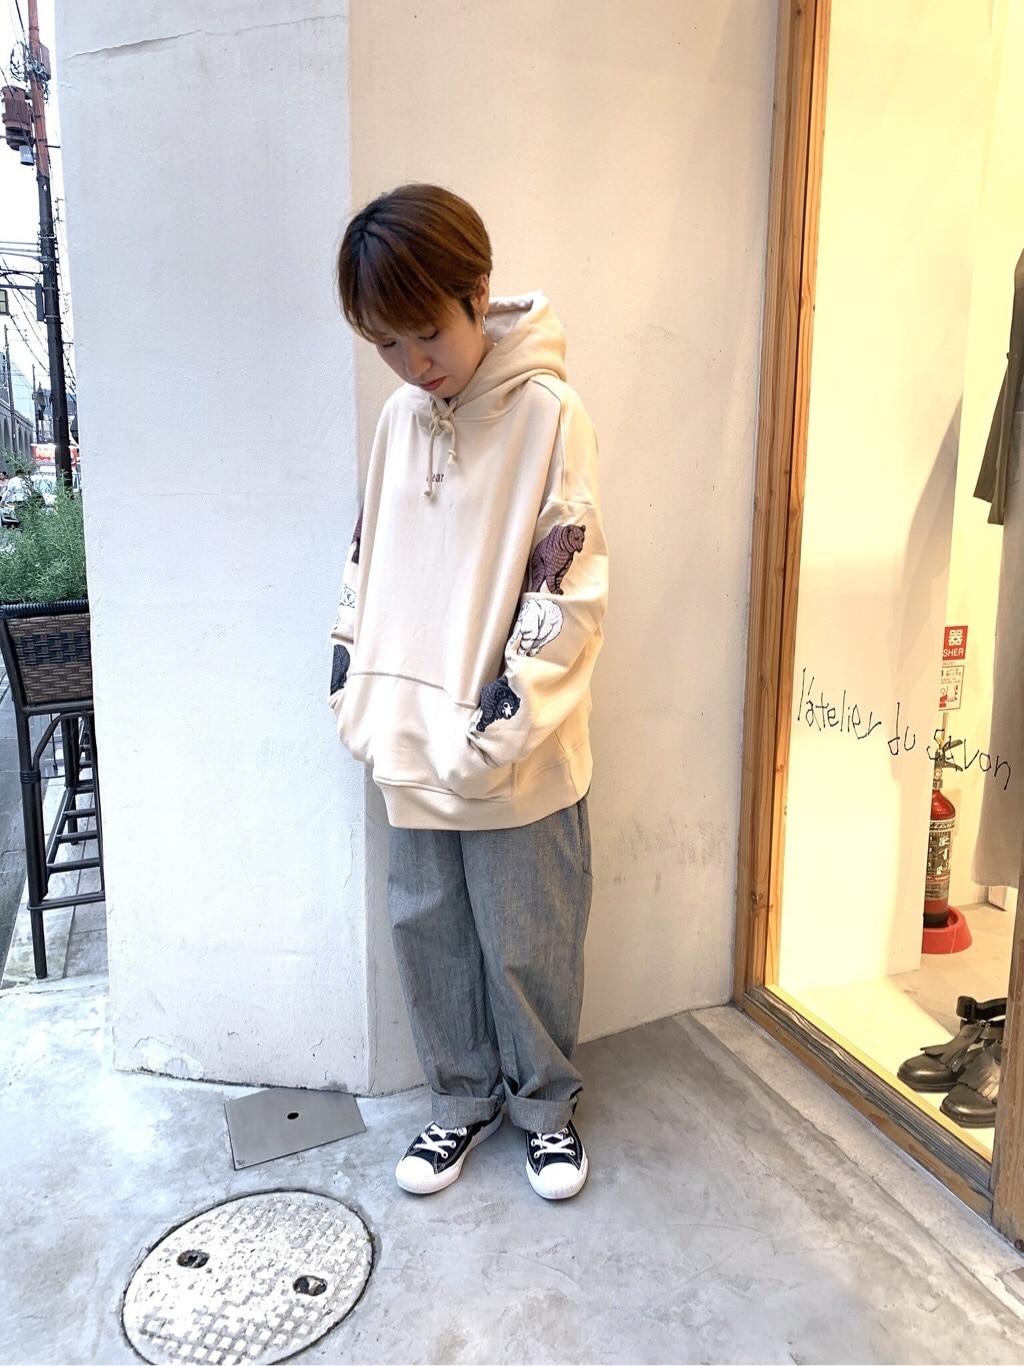 l'atelier du savon 京都路面 身長:148cm 2019.10.17